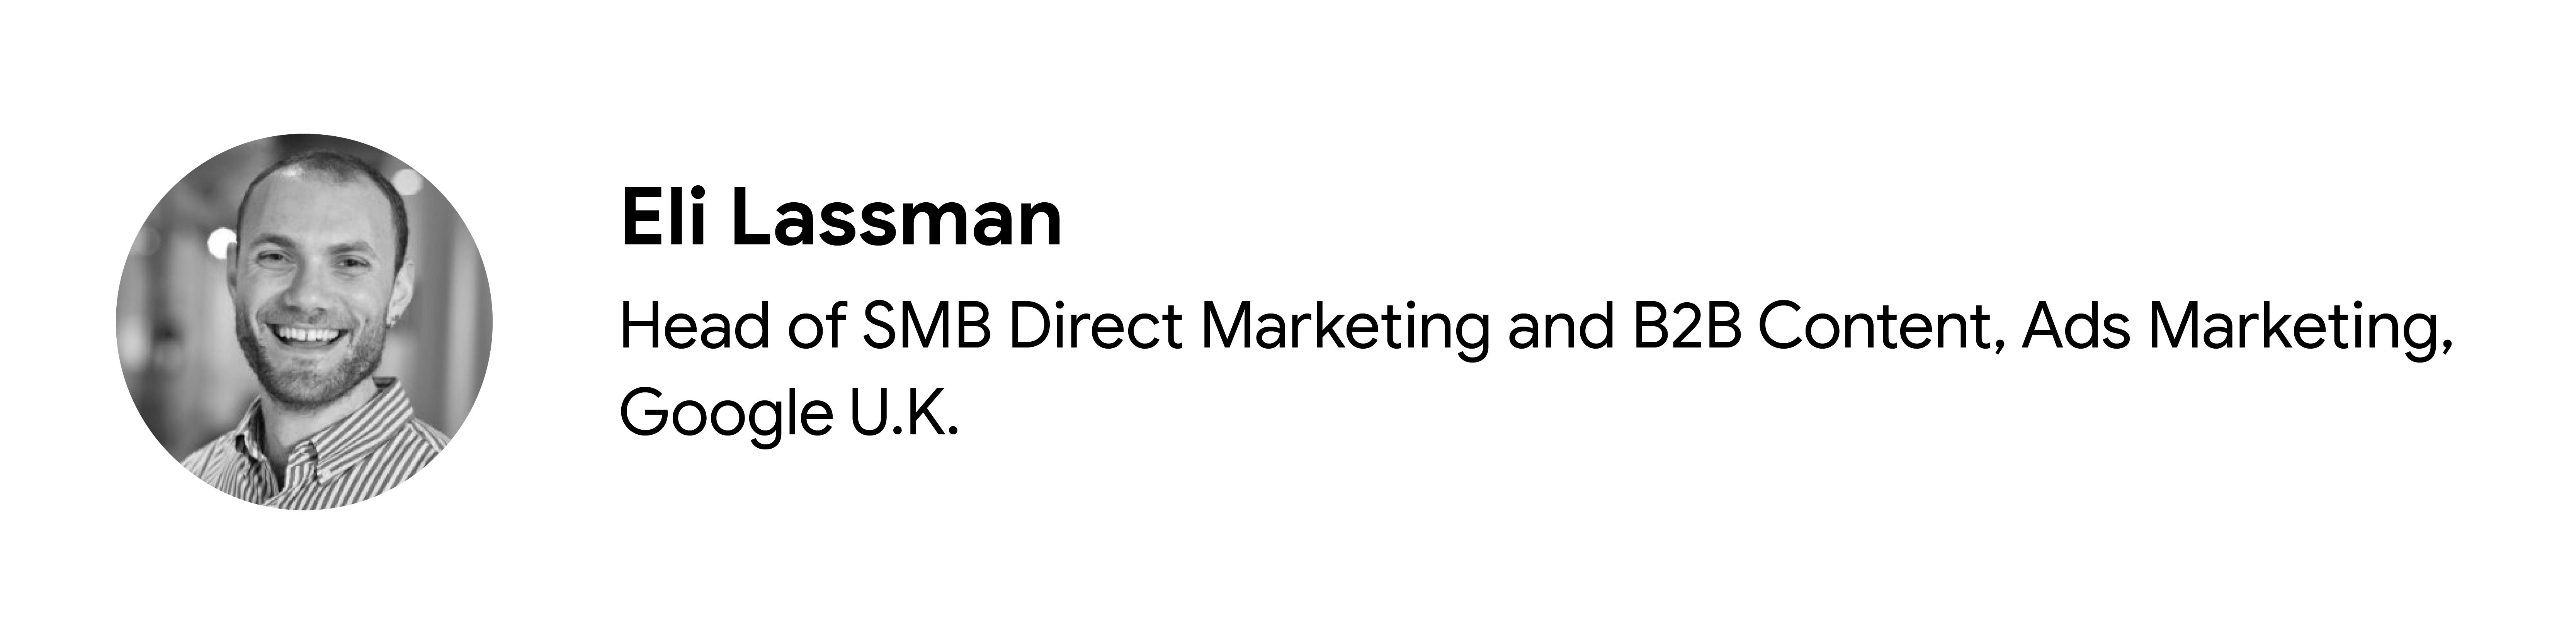 Katkıda bulunan Eli Lassman'ın siyah beyaz vesikalık fotoğrafı, KOBİ Doğrudan Pazarlama ve B2B İçeriği Başkanı, Reklam Pazarlama, Google İngiltere